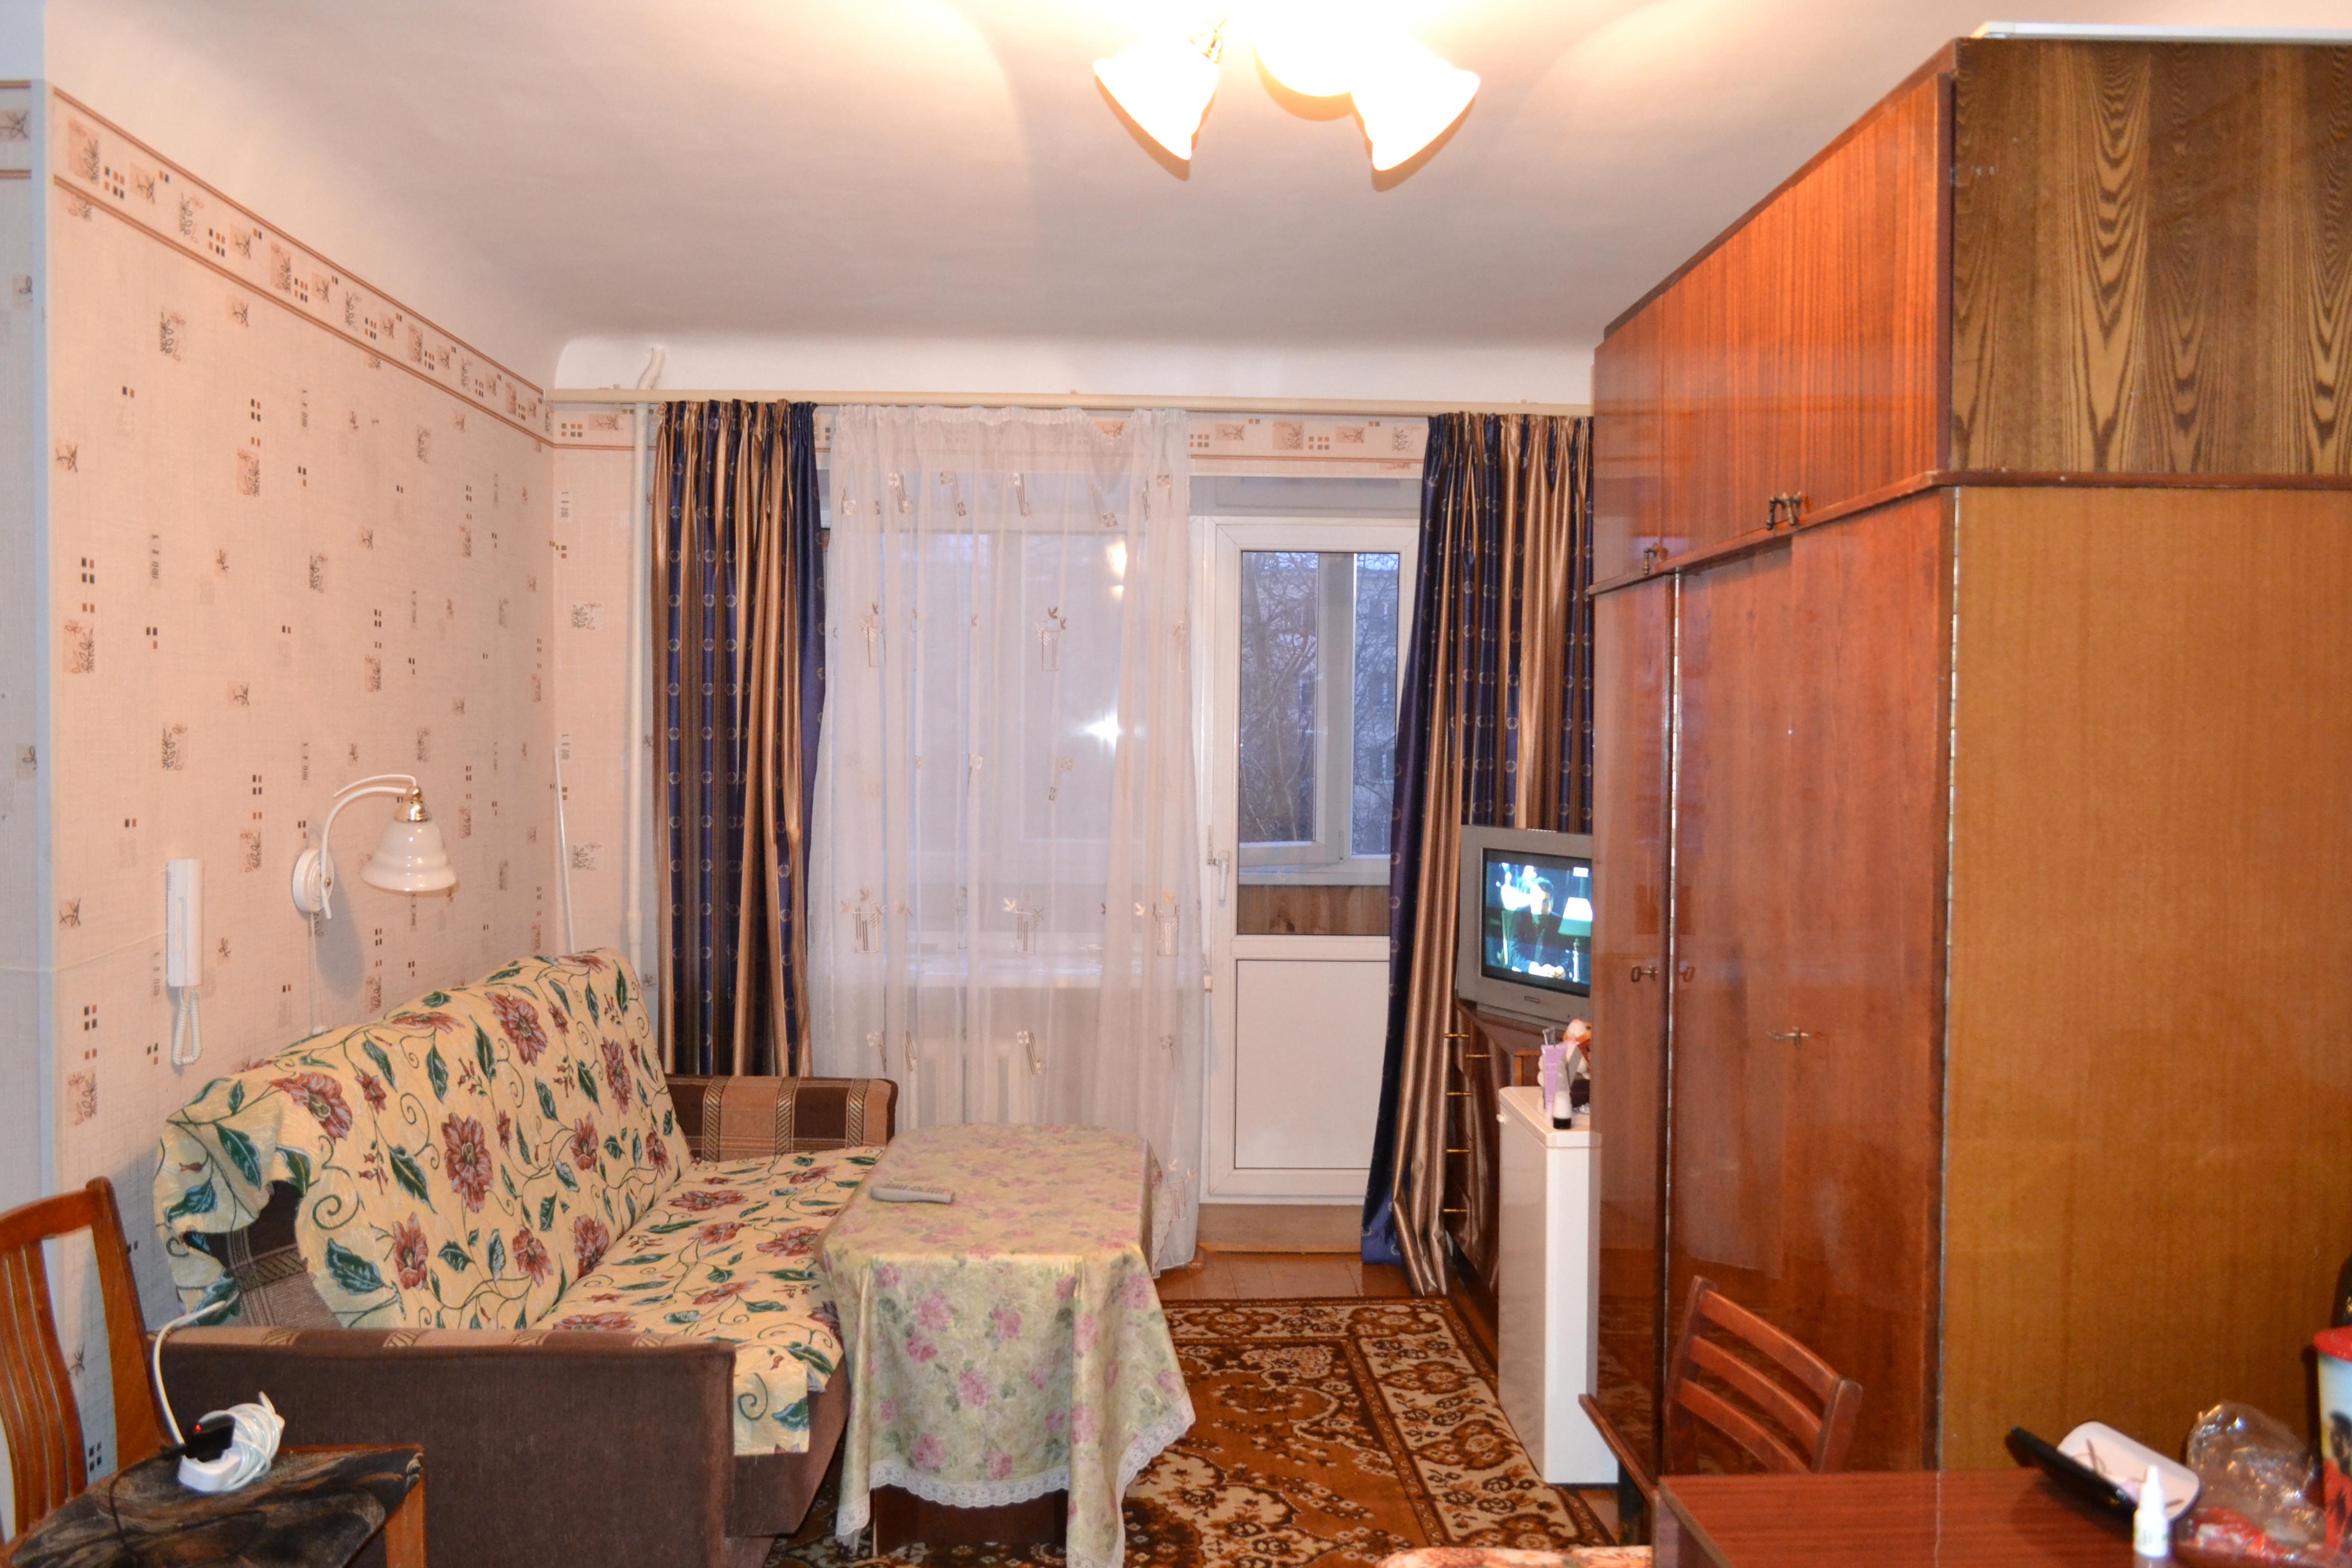 1-к квартира 30 м² на 2 этаже 5-этажного кирпичного дома